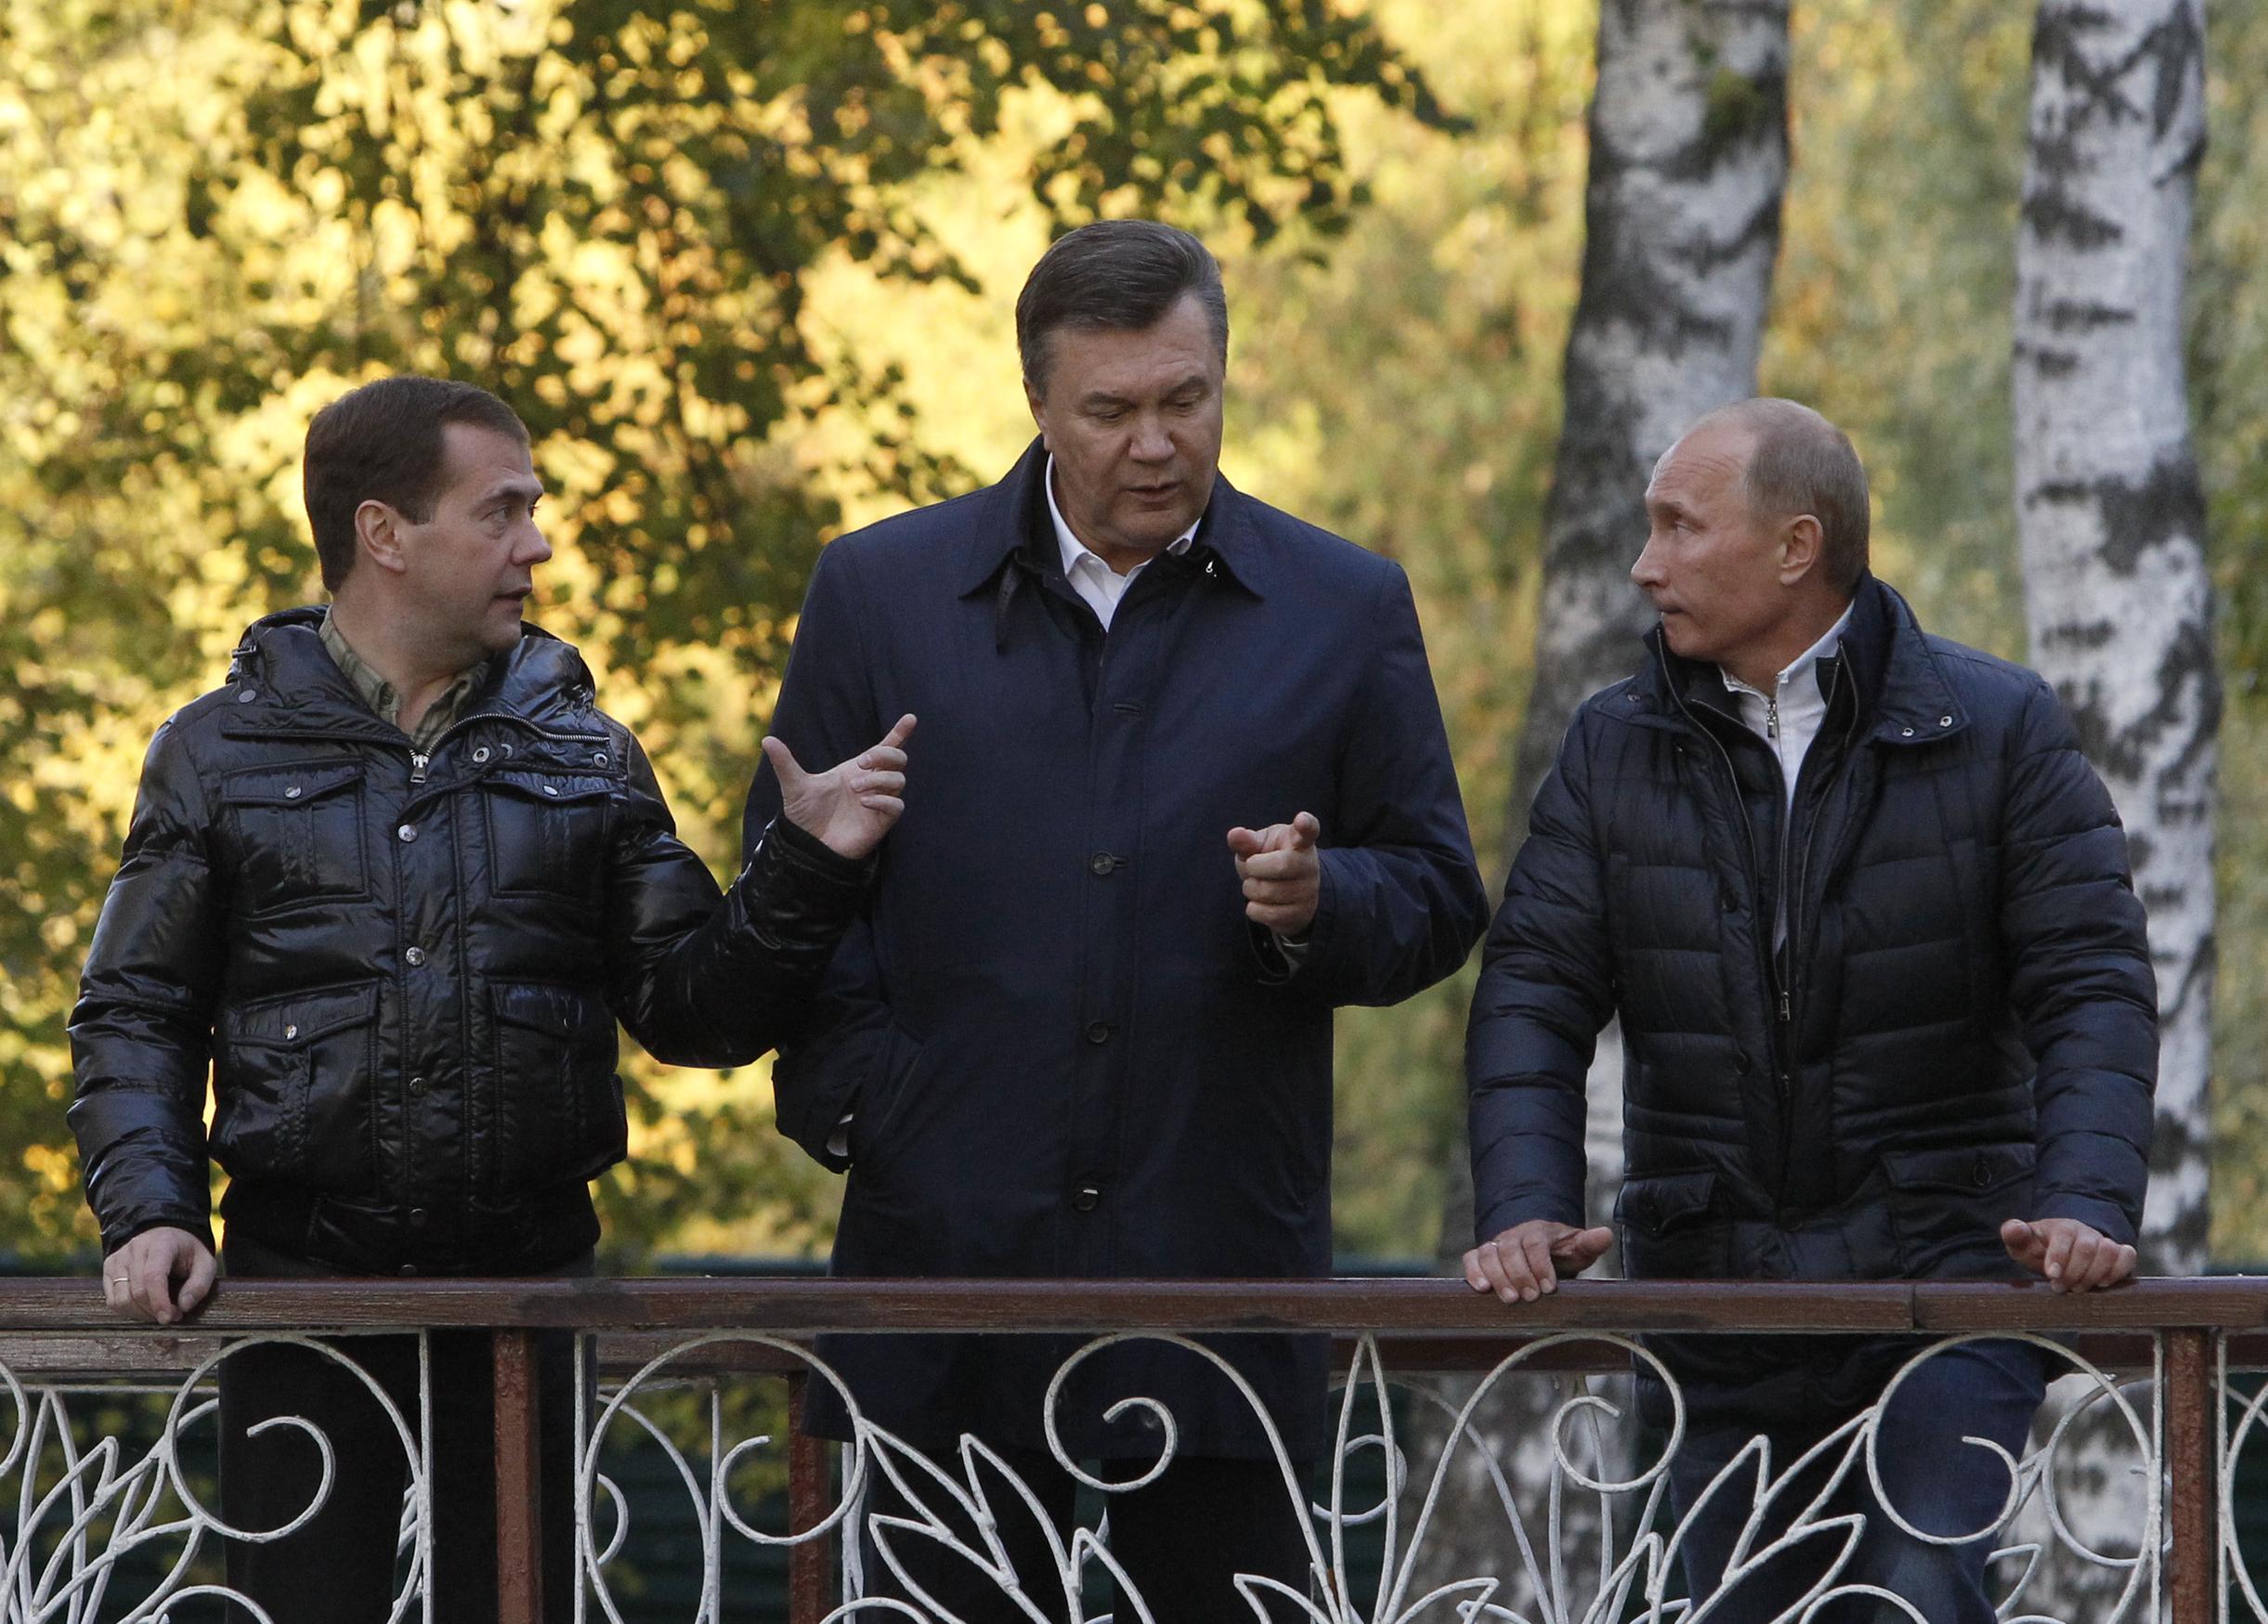 Президент Украины Виктор Янукович отмечает существенный прогресс в газовых переговорах между Украиной и Россией.